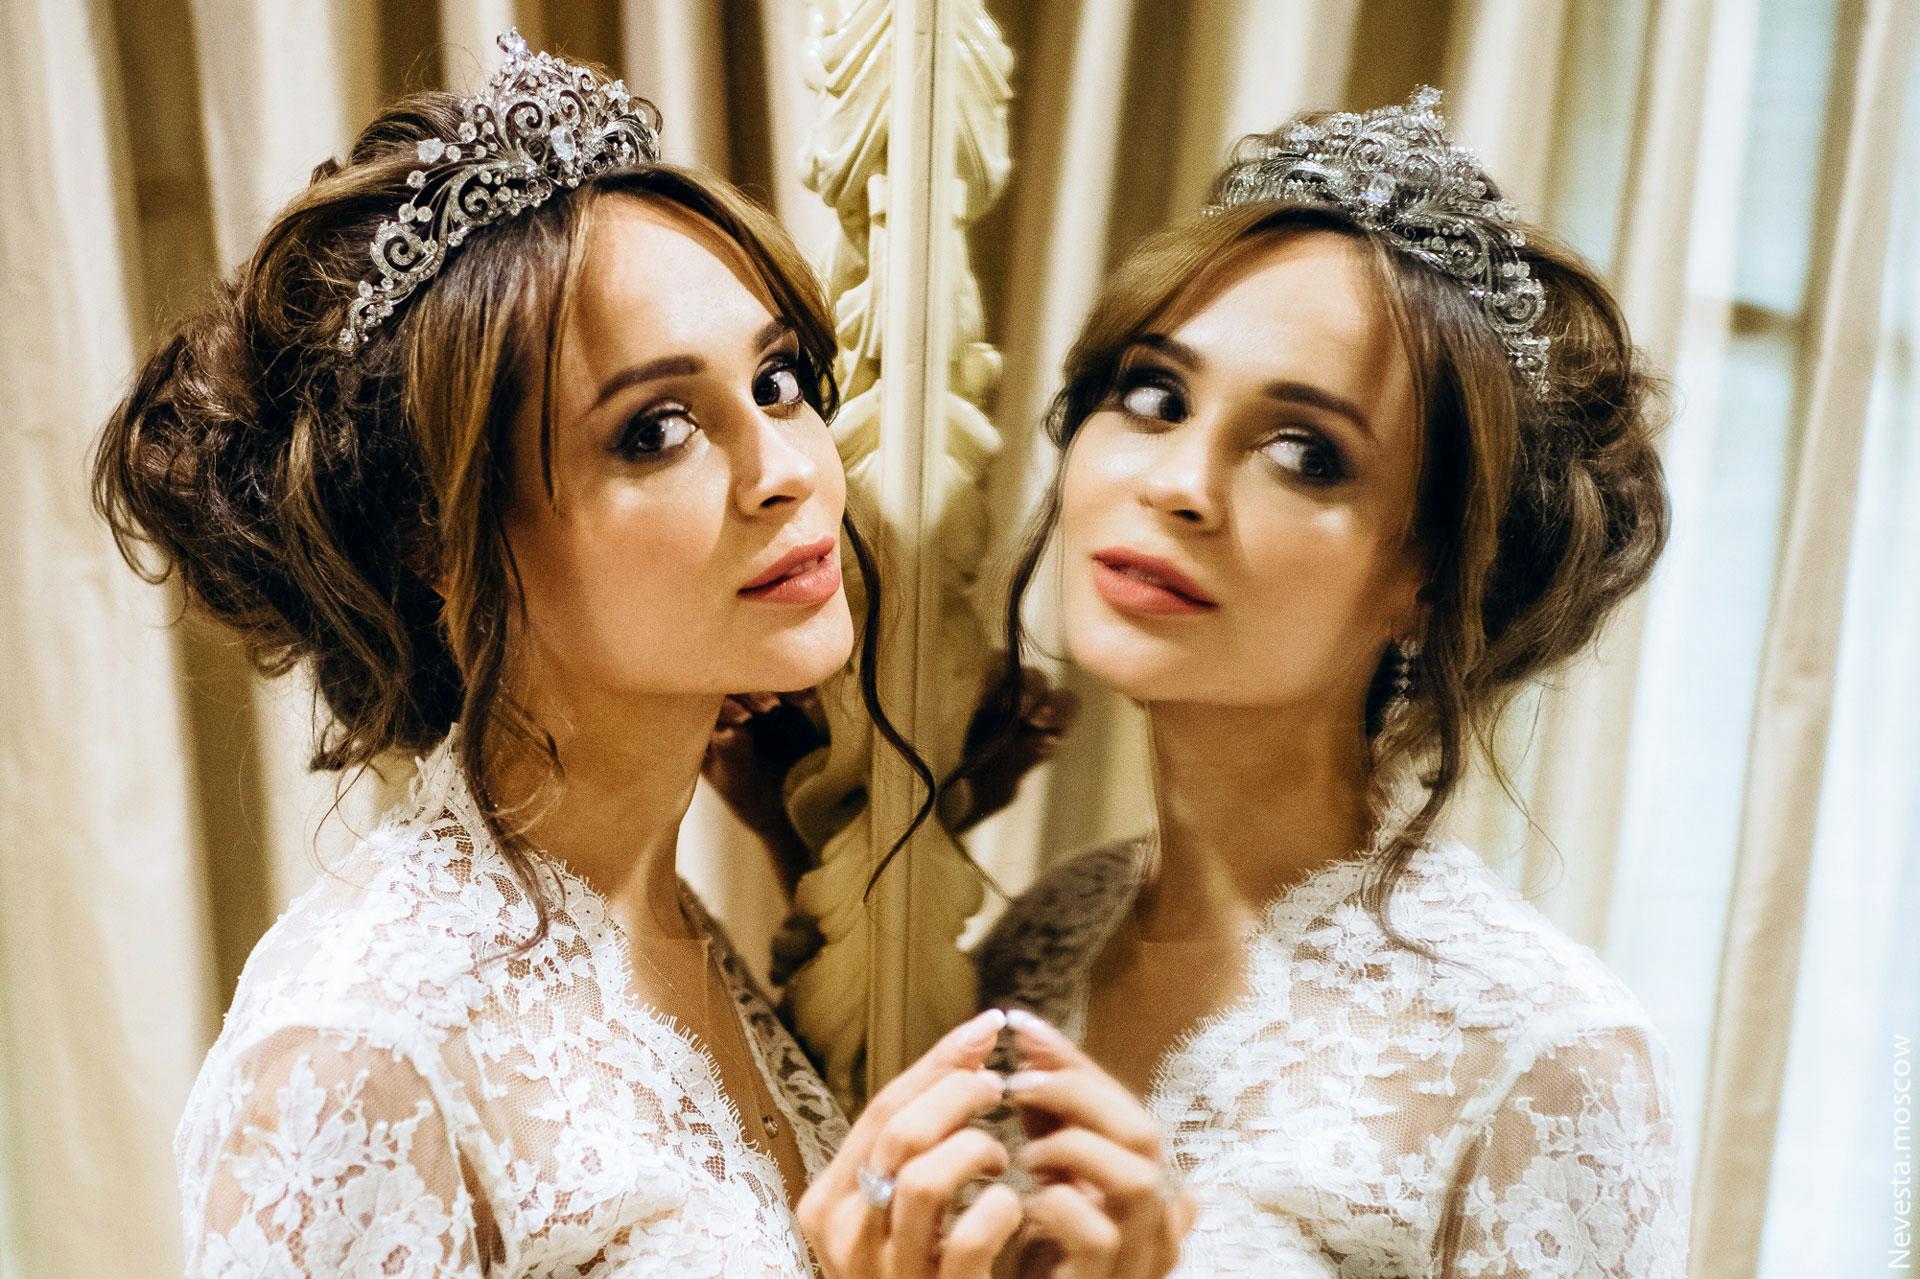 Анна Калашникова выбирает образ для своей свадьбы фото 35